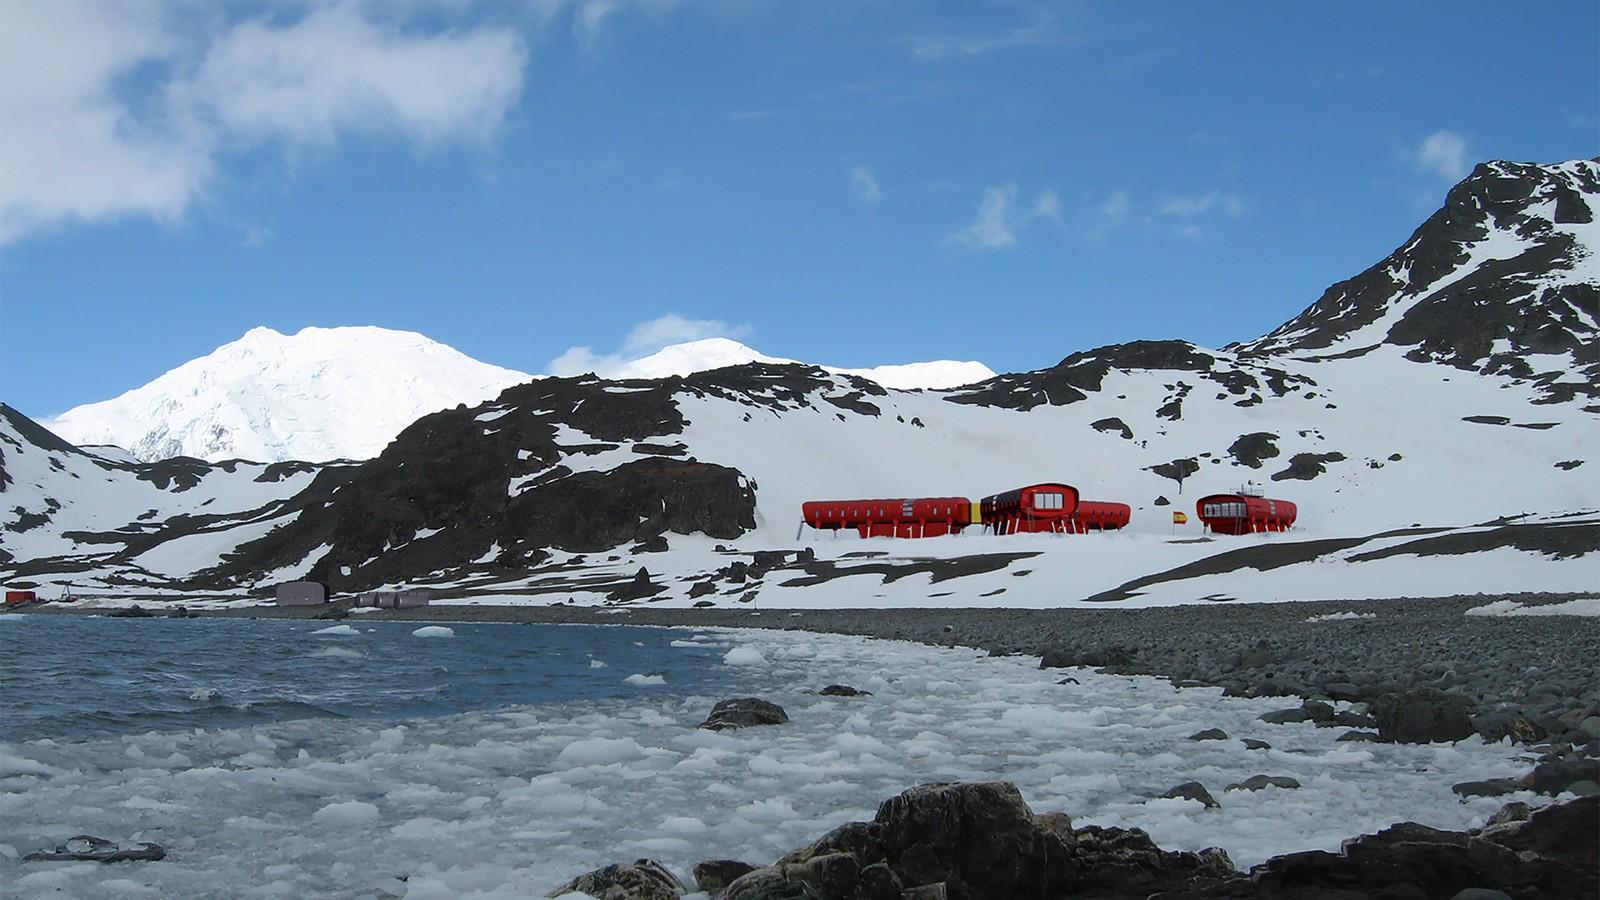 Juan Carlos 1 Antarctic Research Station 4